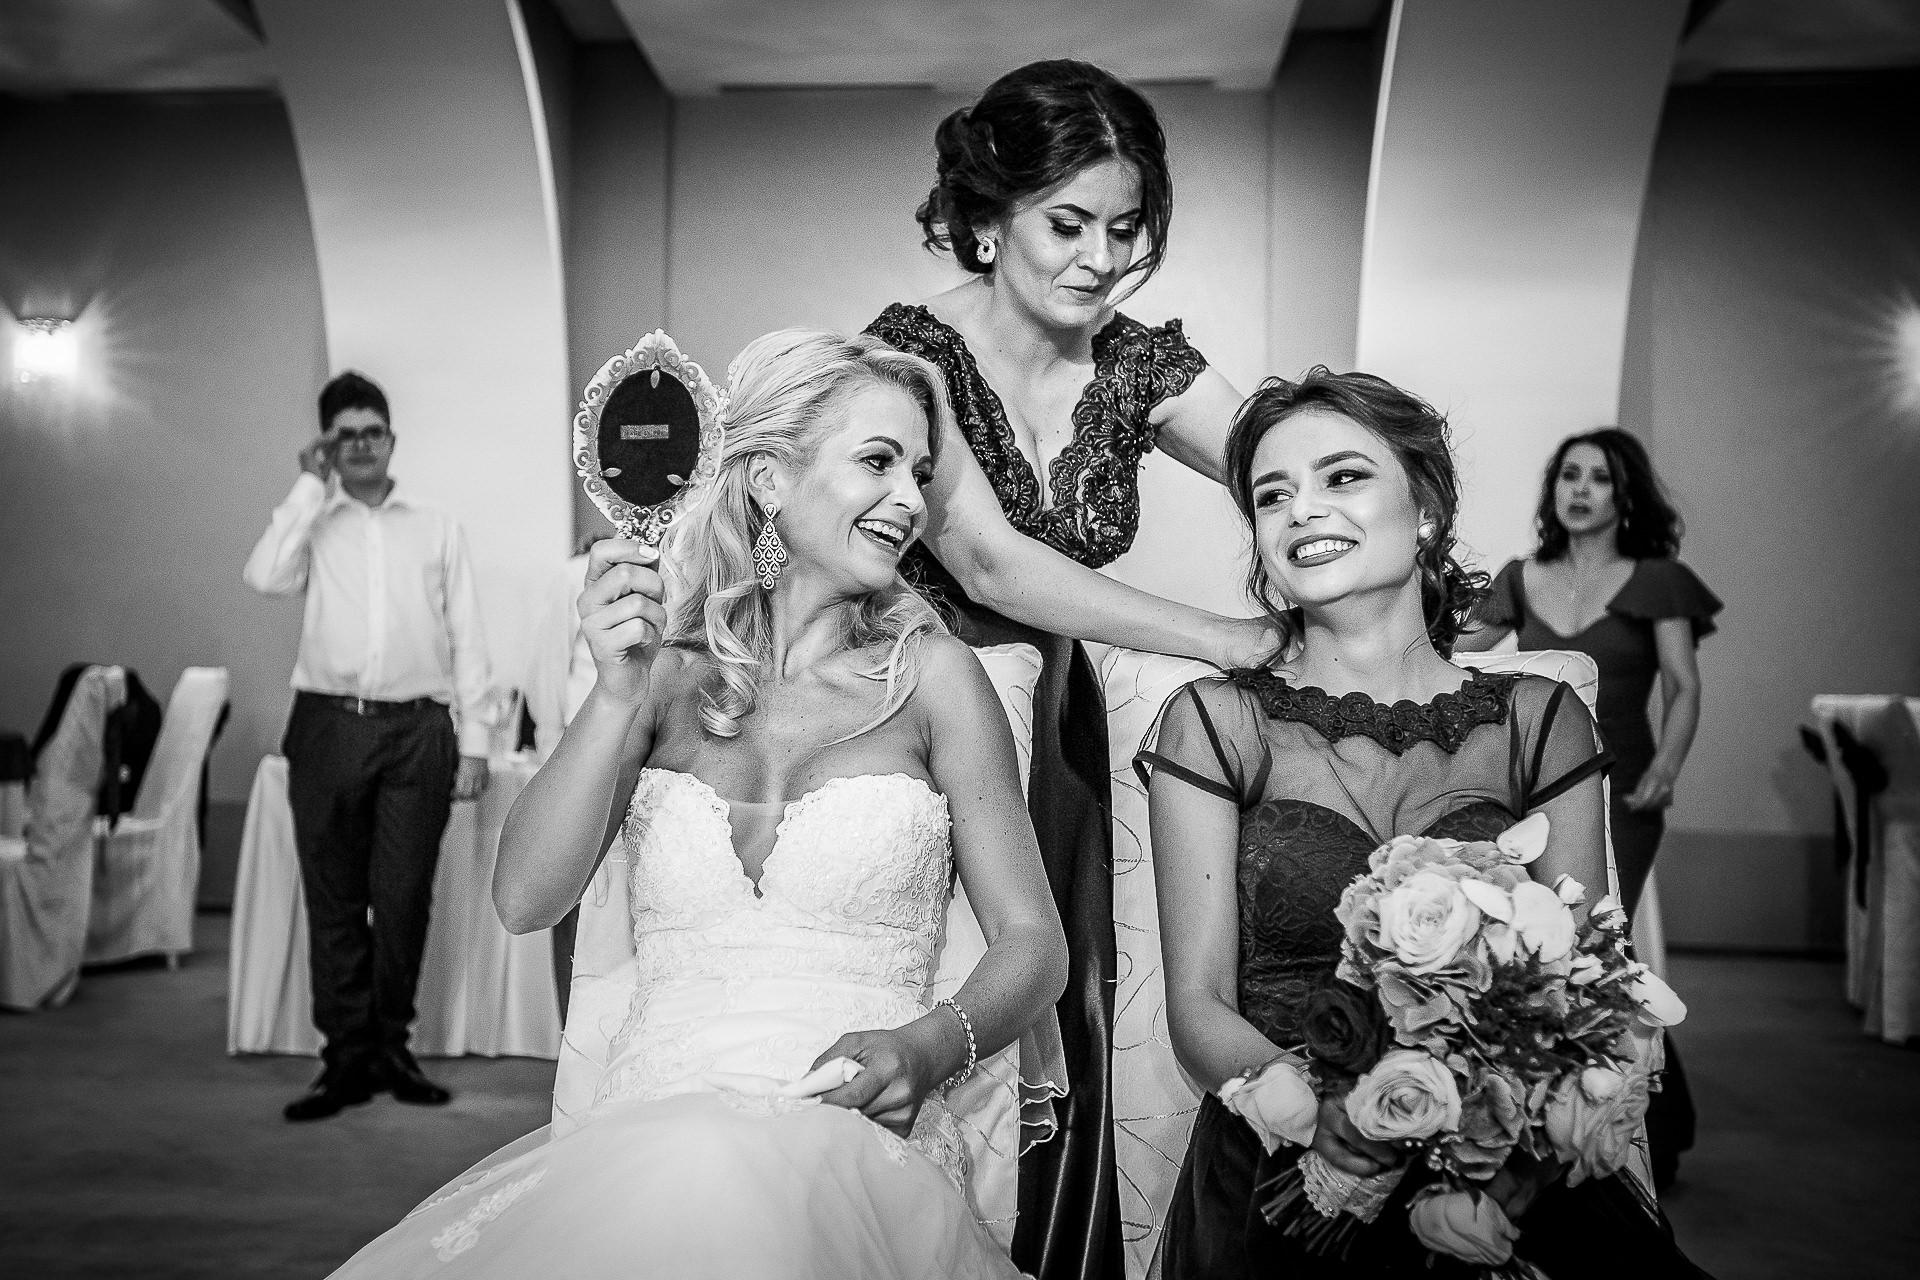 Fotograf nuntă Bucureşti - Biserica Militara Sfântul Mina + Metropolitan Club and Events - Marinela şi Pasquale - Mihai Zaharia Photography - 93